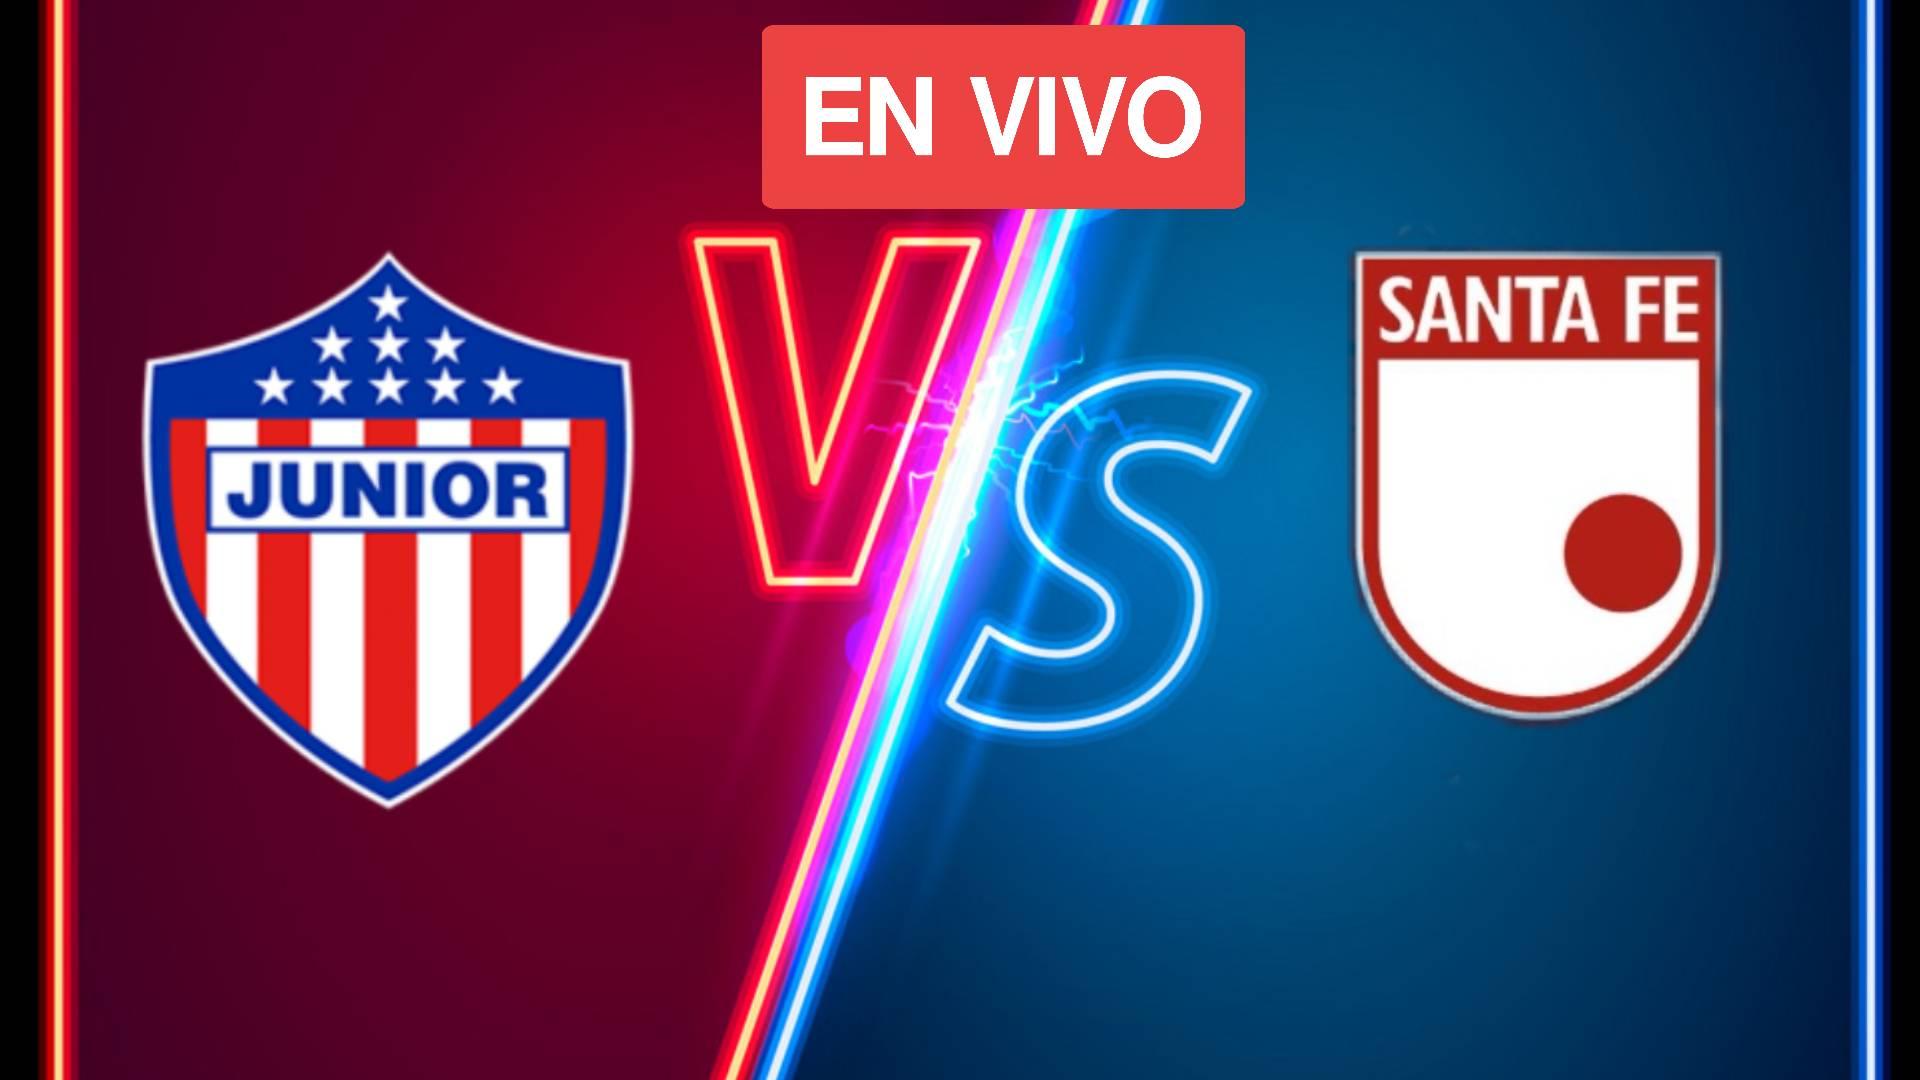 VER: Junior vs Santa Fe EN VIVO ONLINE: Betplay League Fecha 15 Calendario de partidos: Cómo y dónde ver TV en vivo